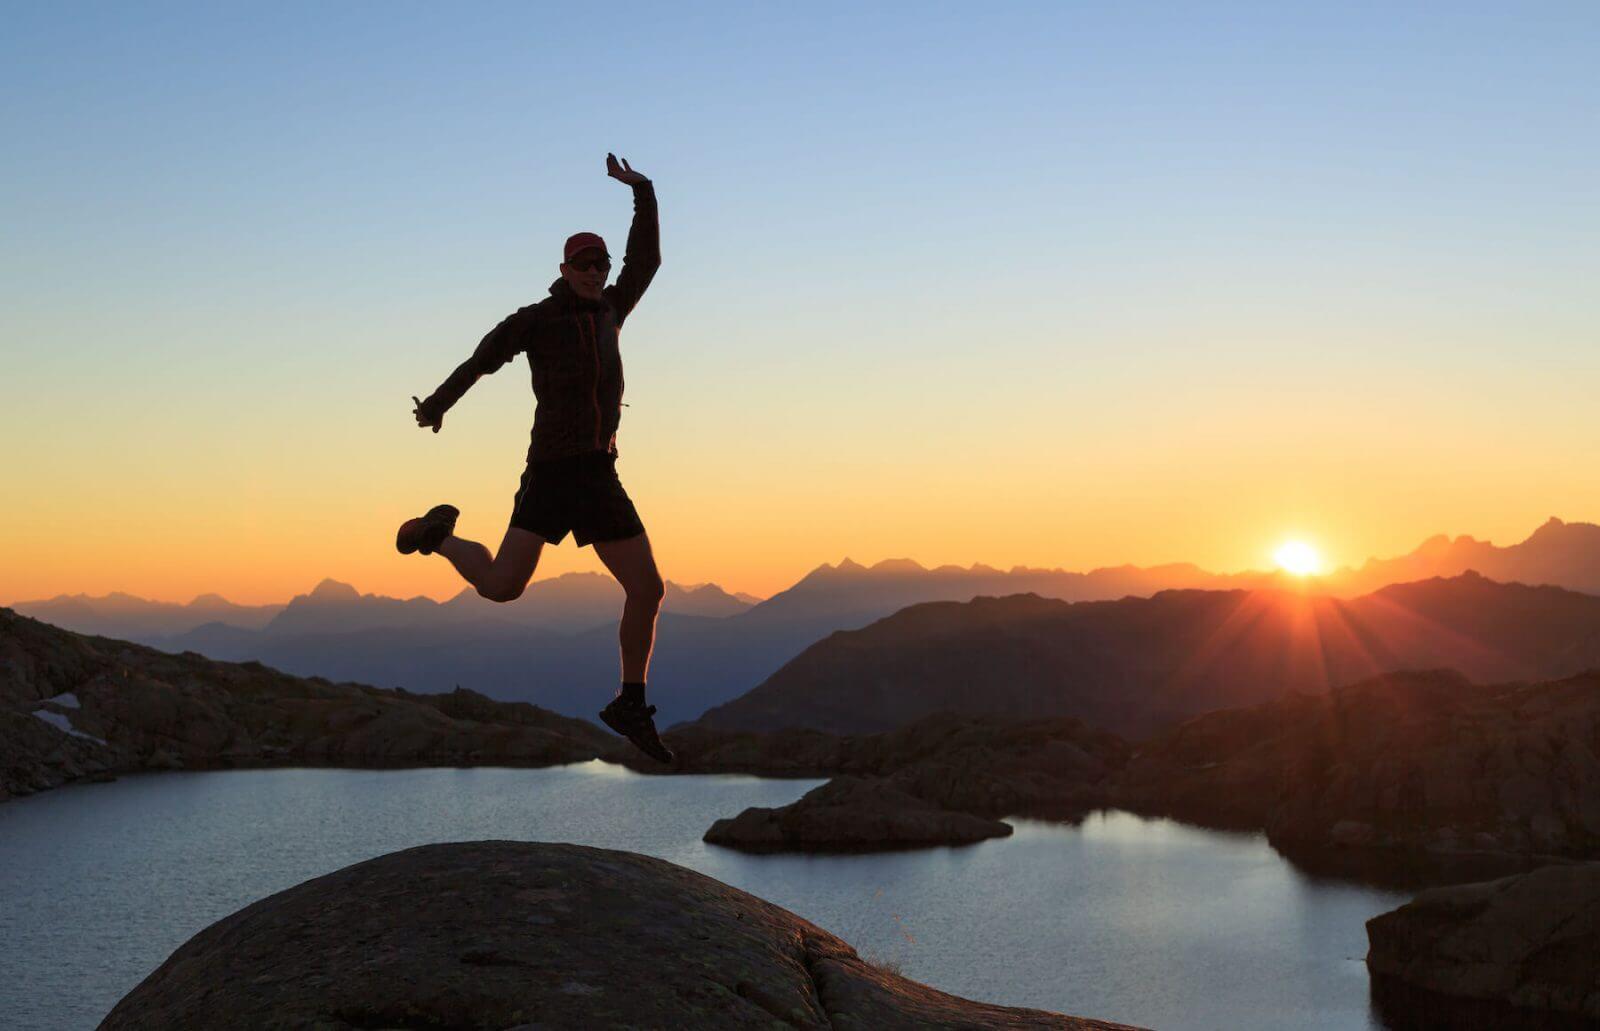 el fracaso lleva al éxito